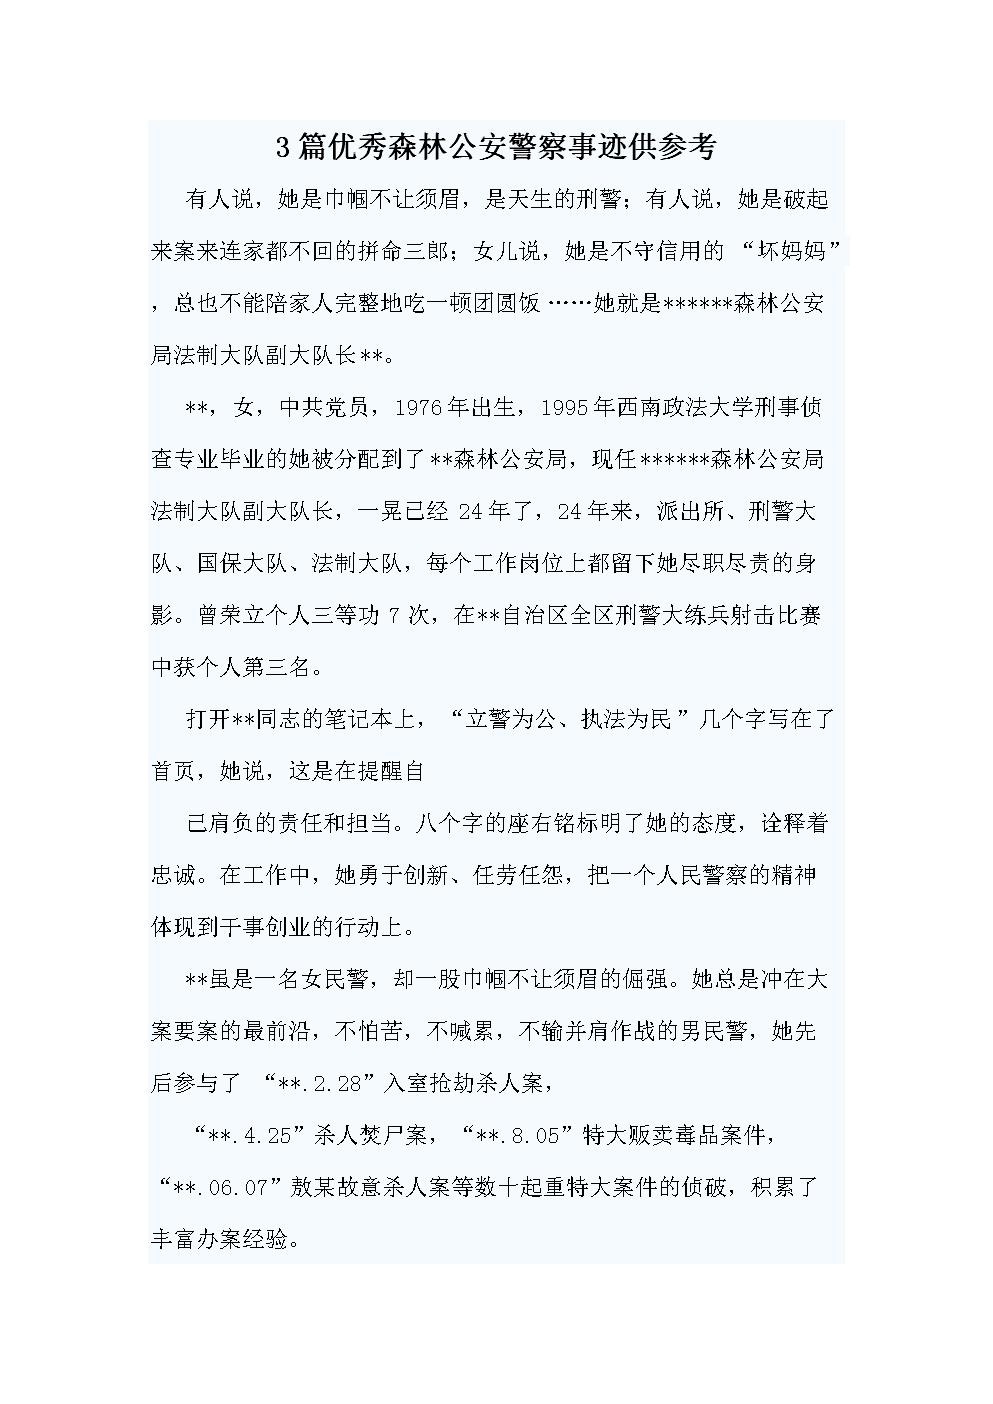 3篇优秀森林公安警察事迹供参考.docx